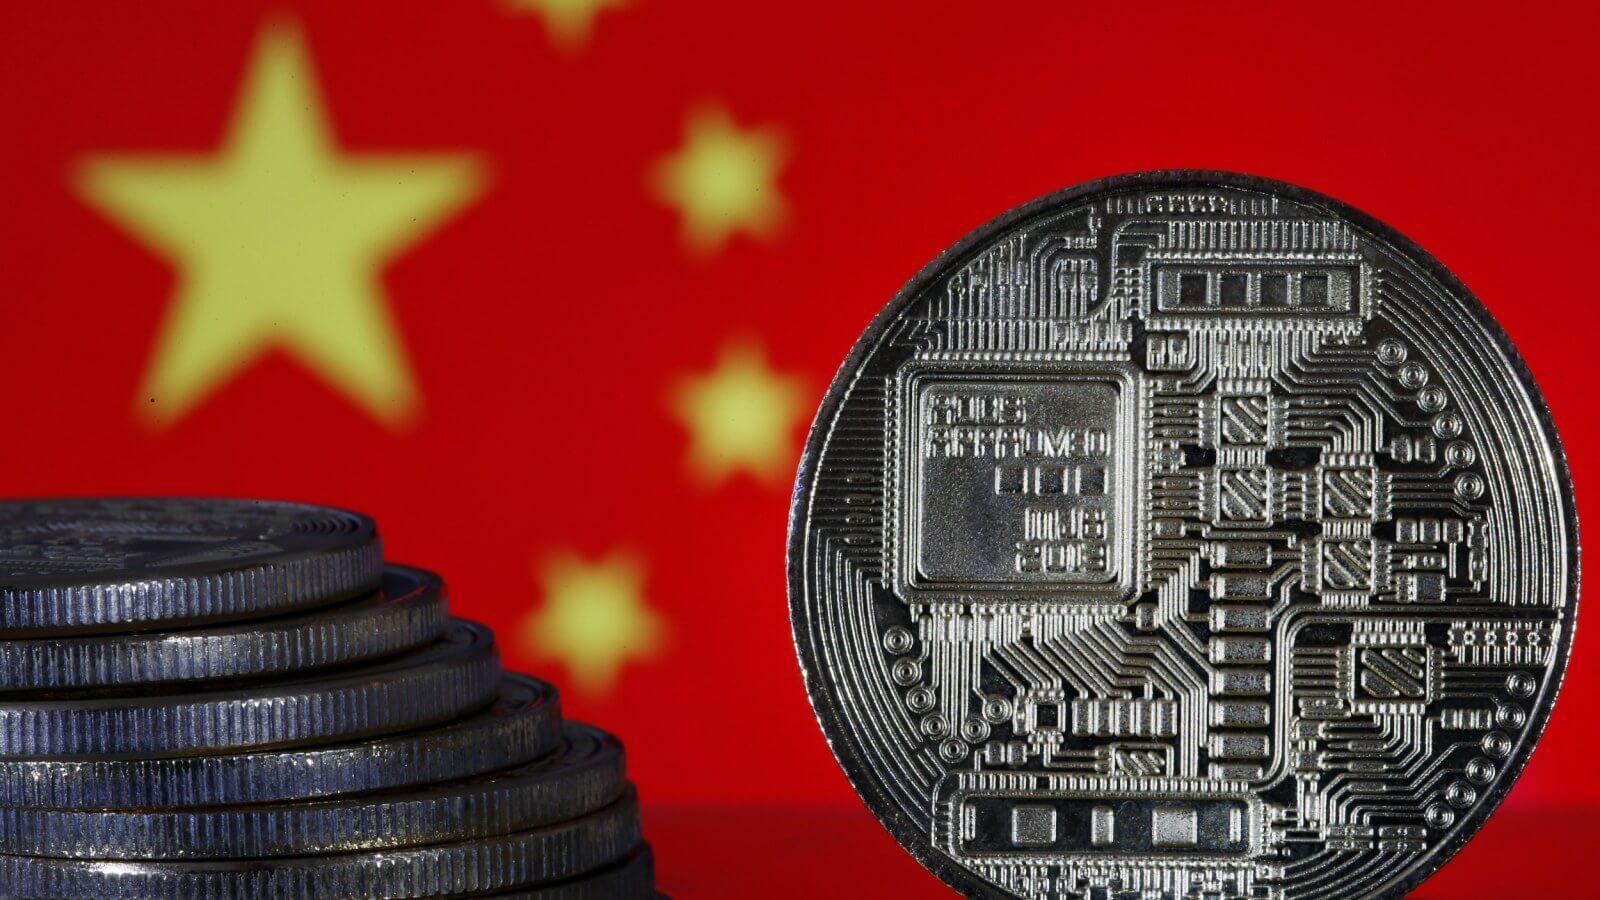 Çin Arama Motorları Binance, OKEx ve Huobi Sorgularını Engelledi